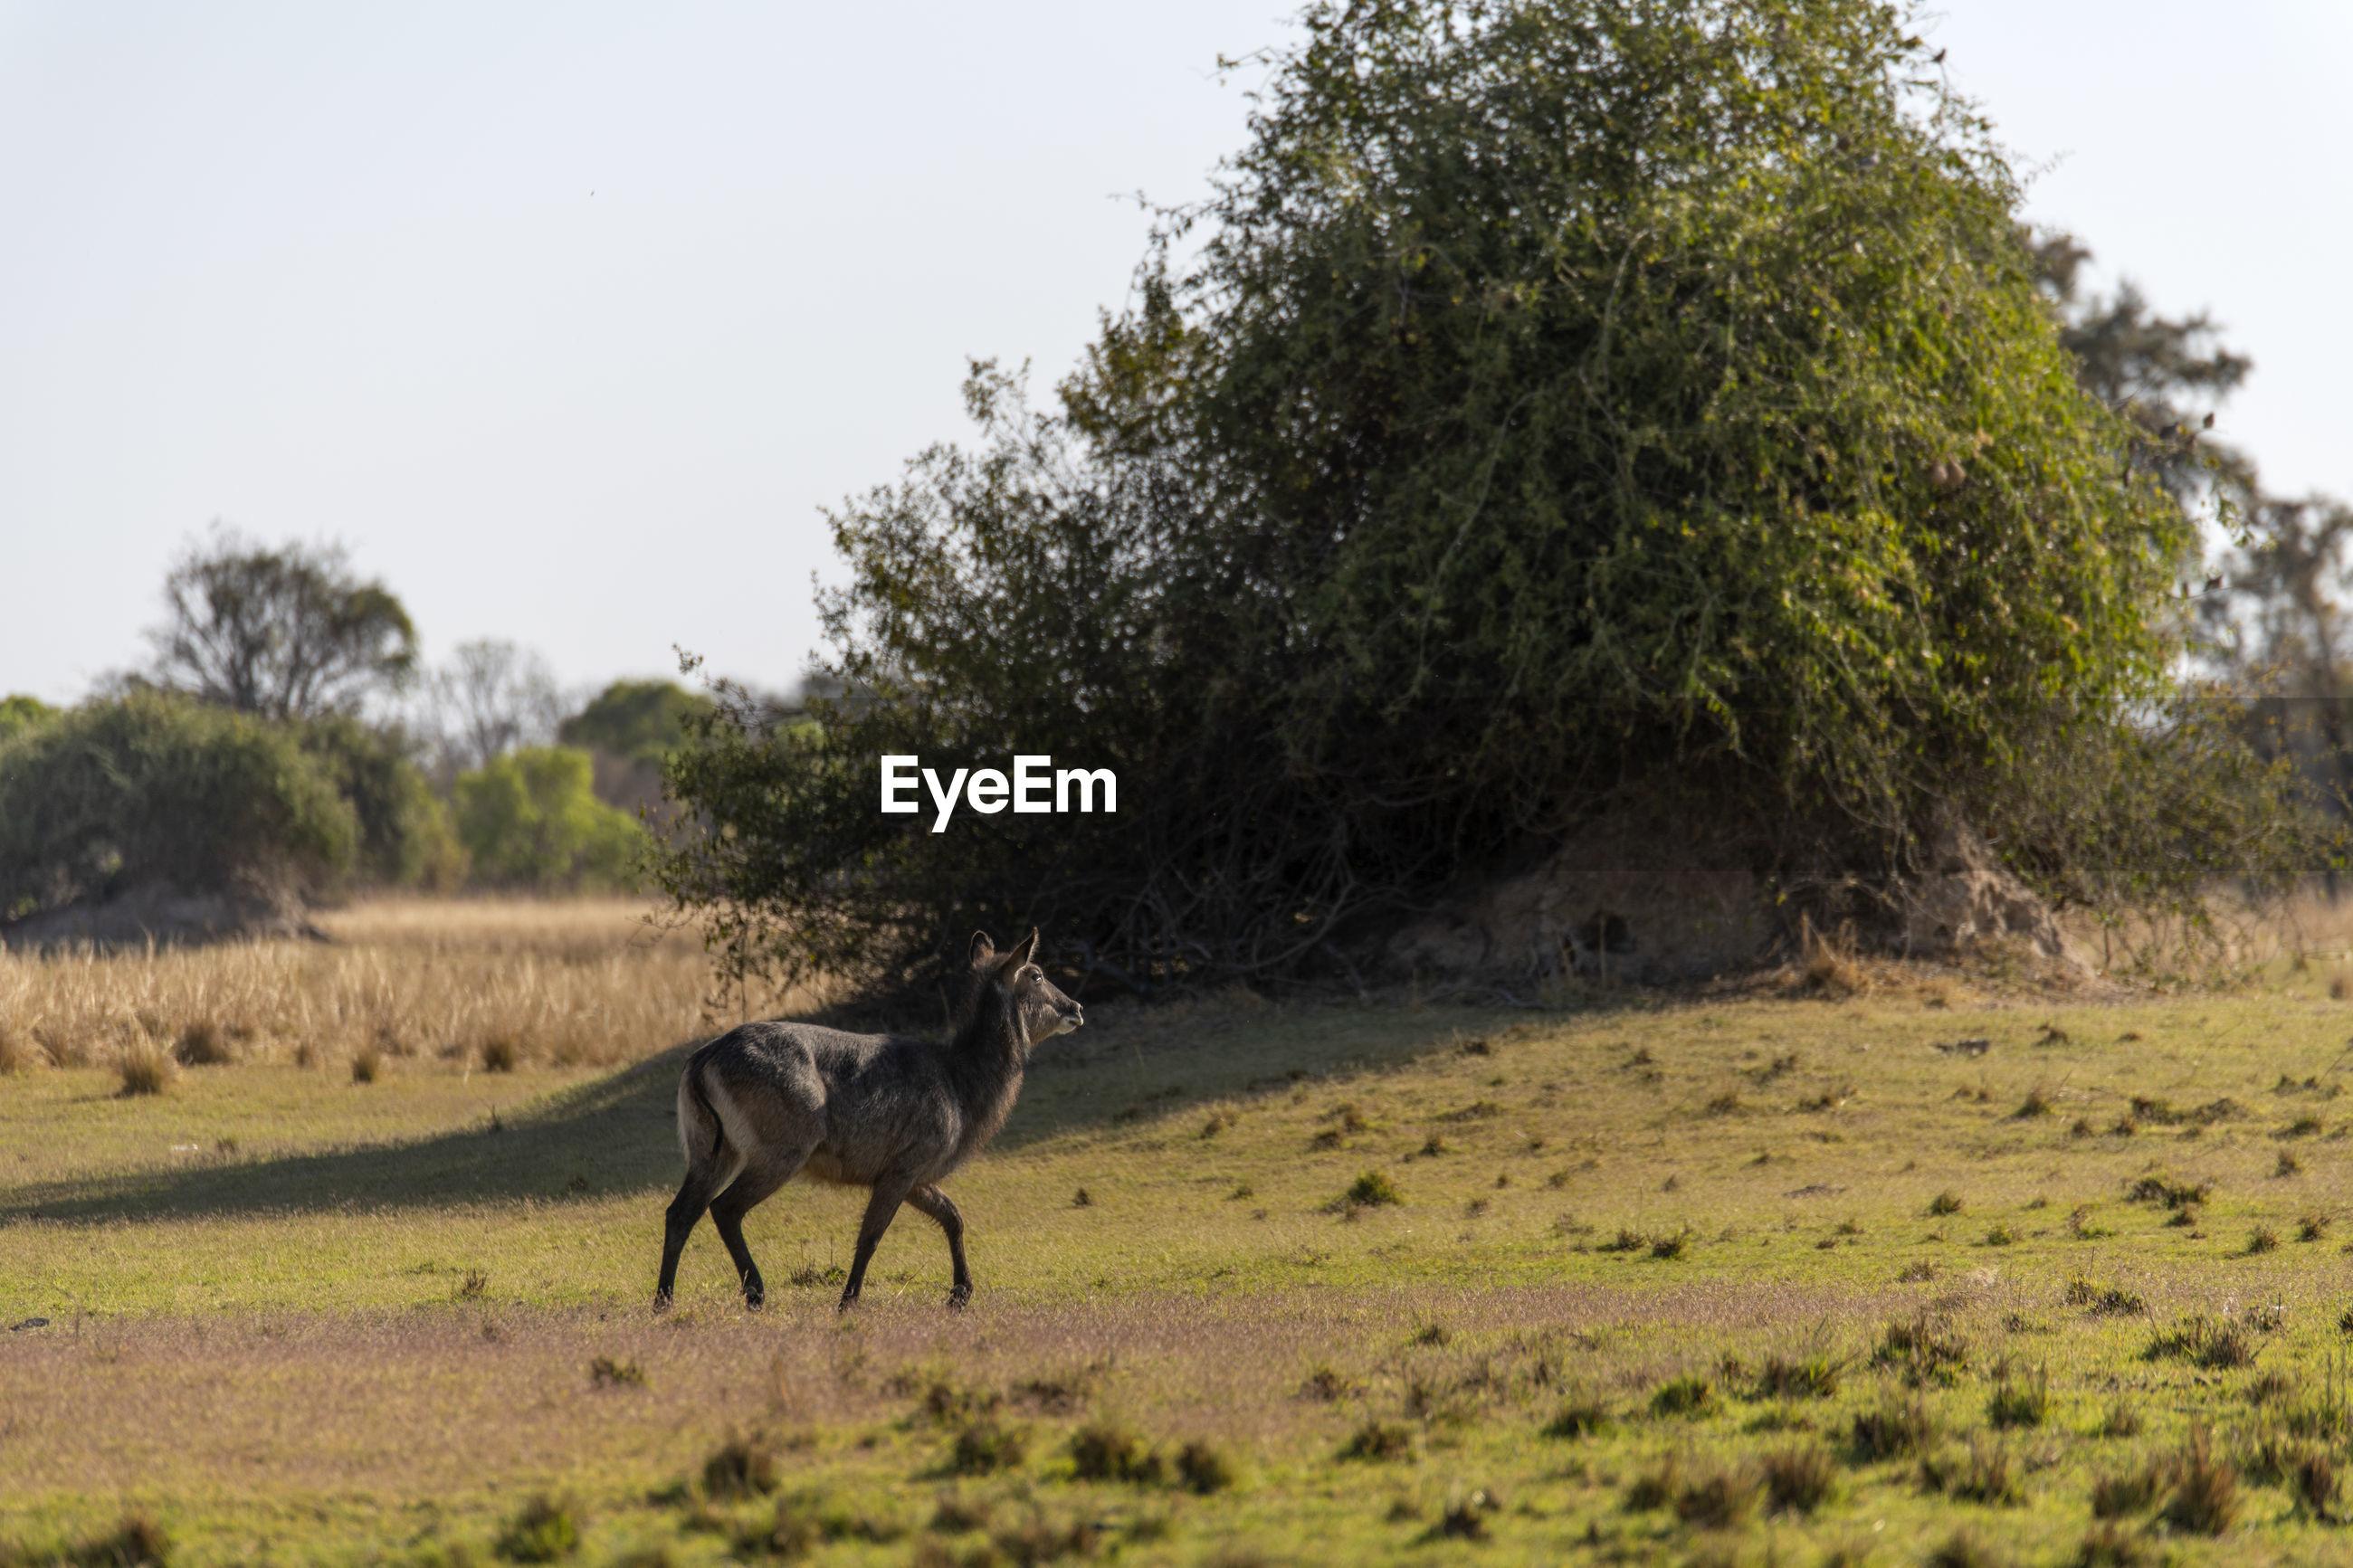 Waterbuck standing in a field